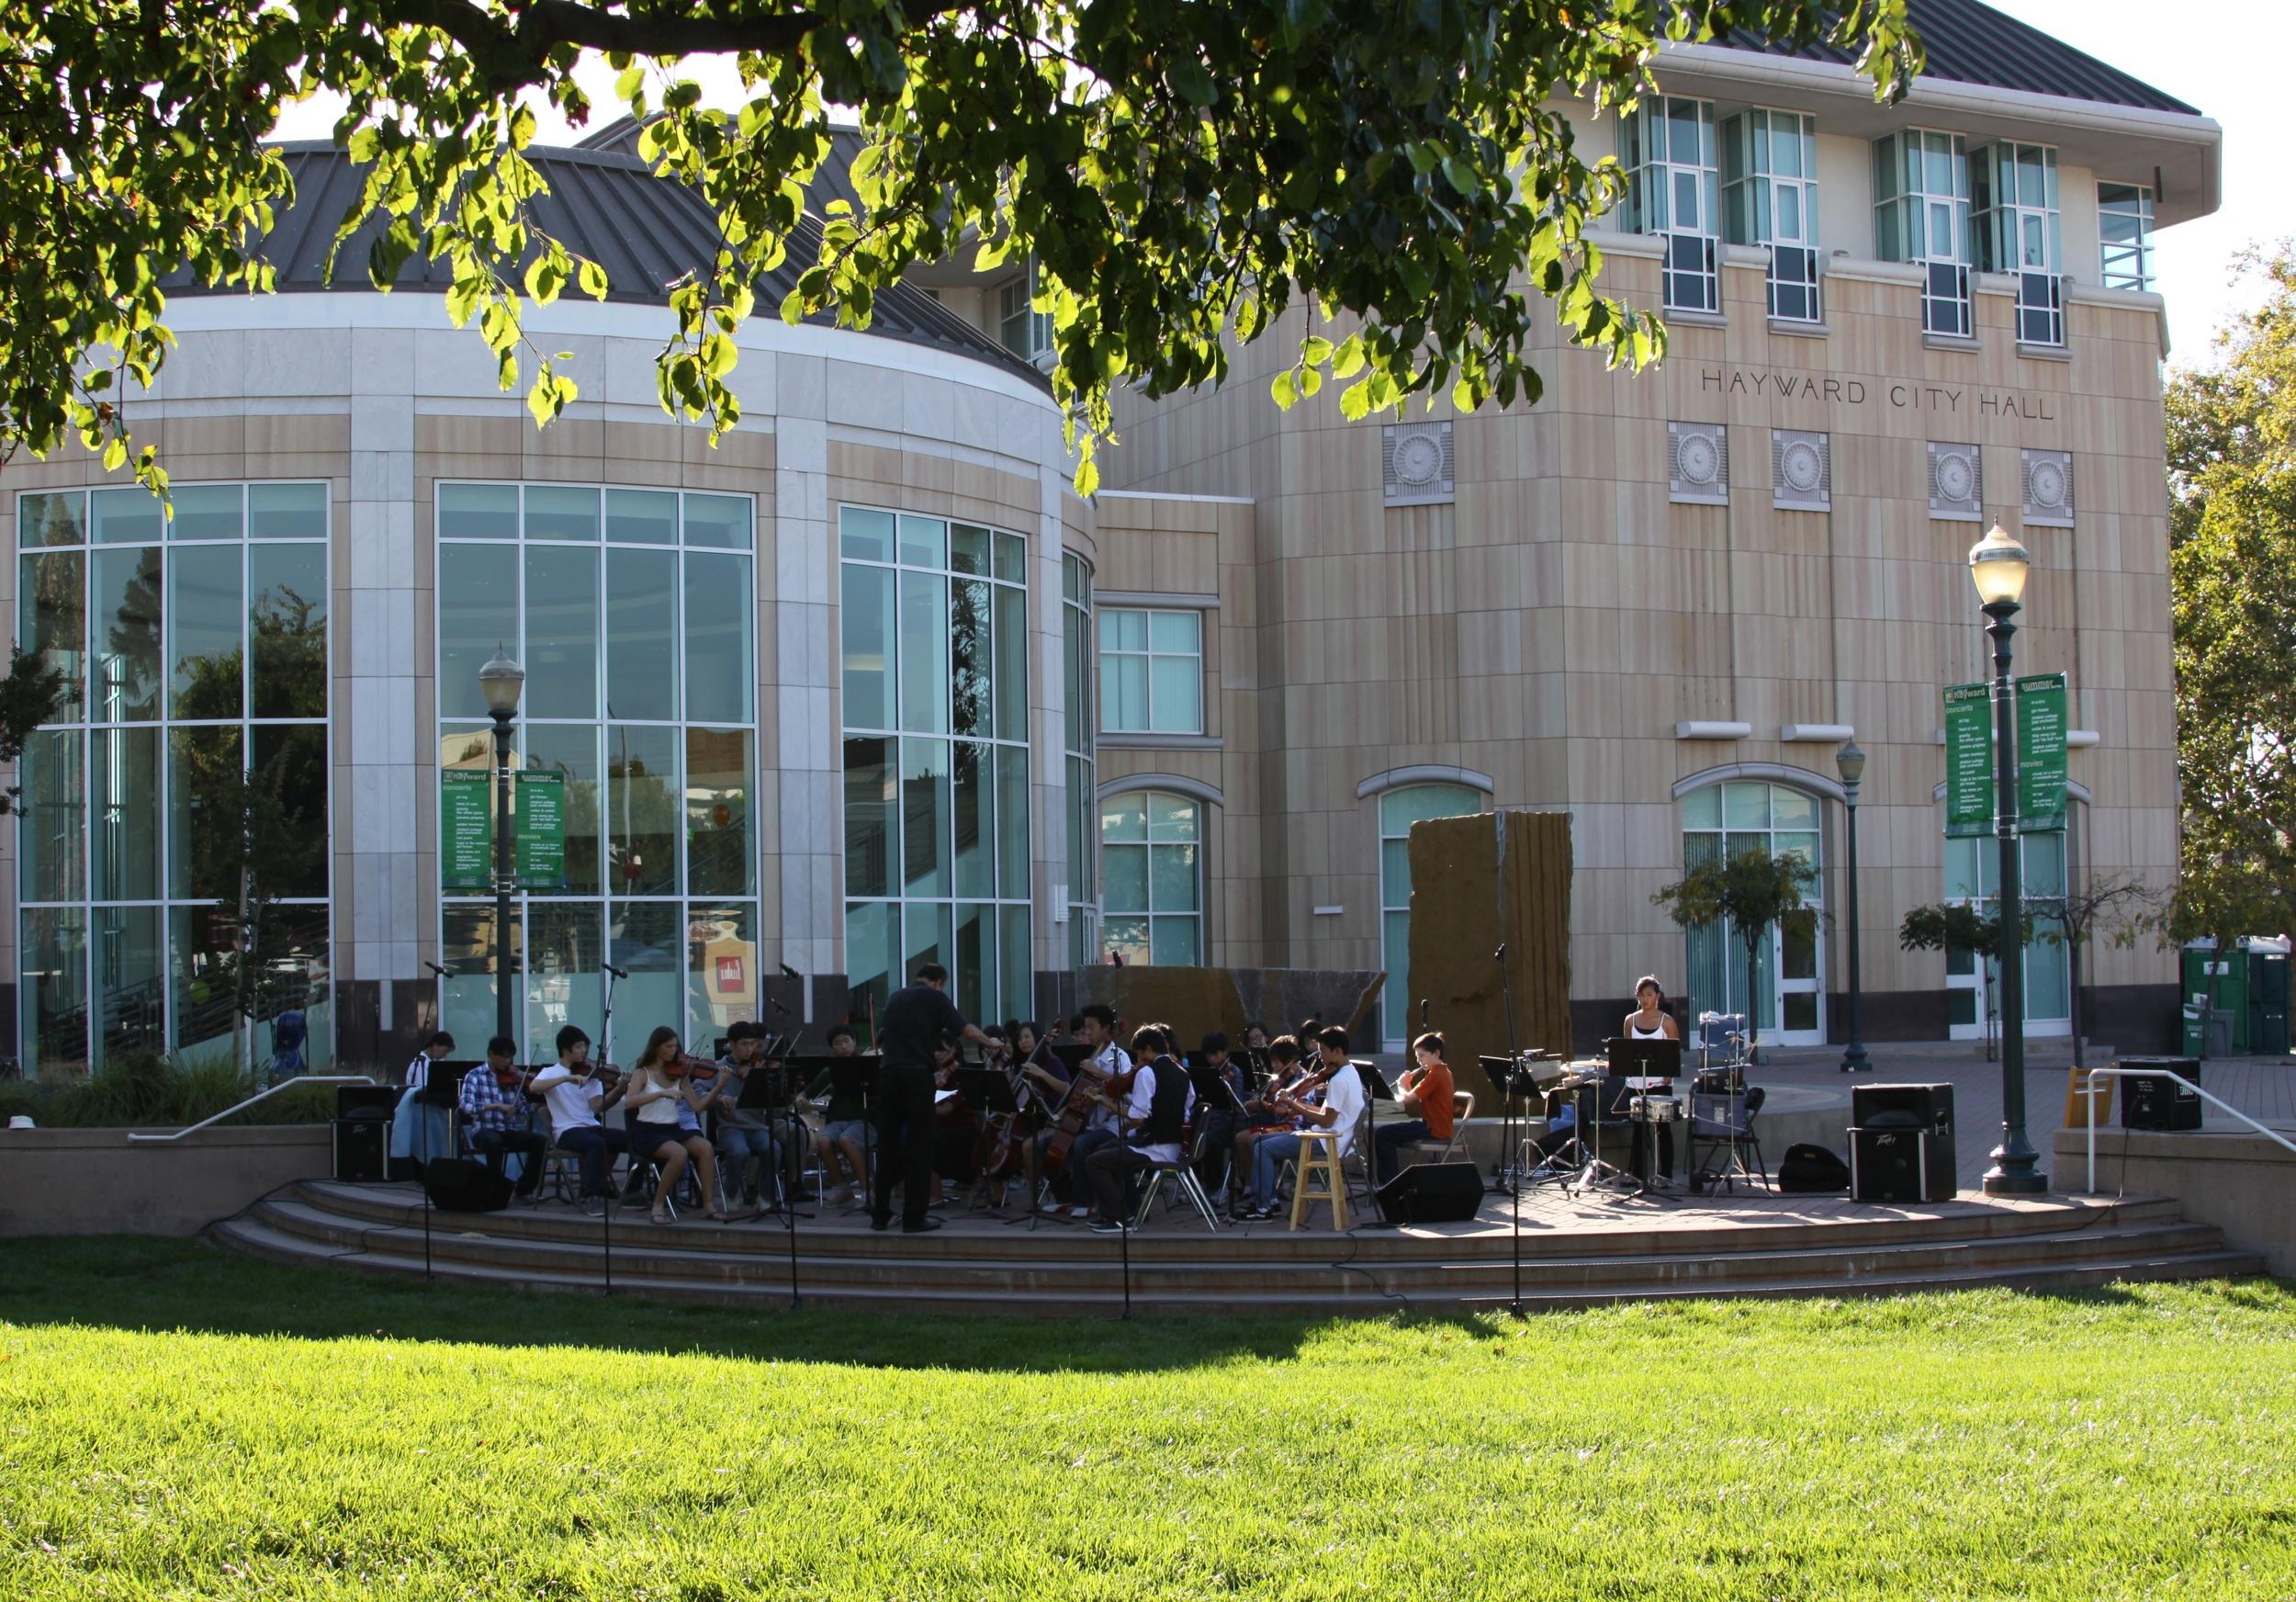 East Bay Youth Orchestra (EBYO) performs outdoors at Hayward City Hall. Hayward, California.